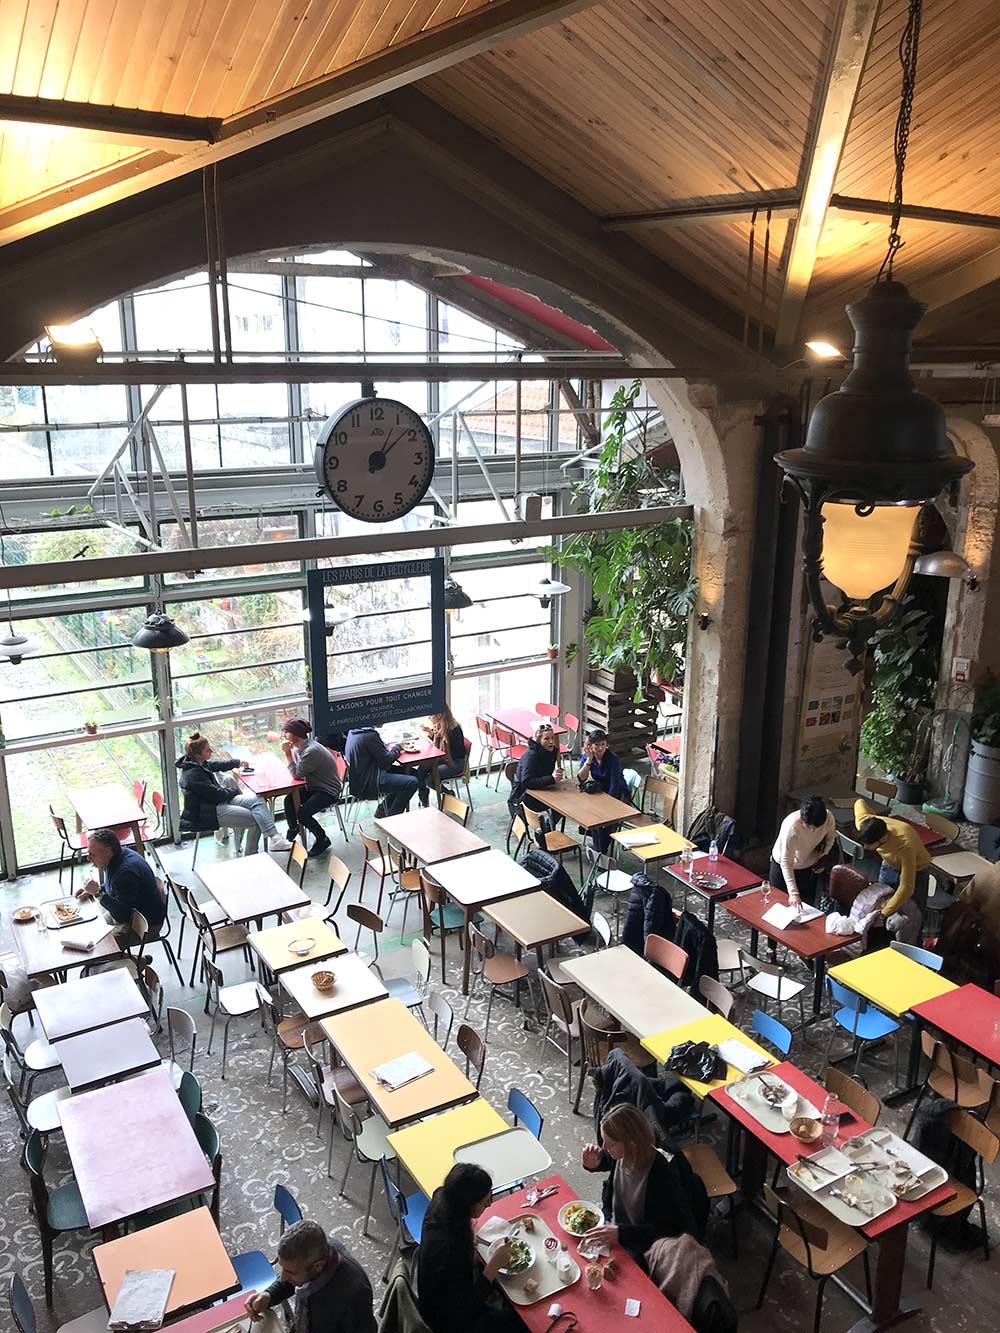 Francisco Segarra y su afán por descubrir conceptos de restaurantes innovadores. La REcyclerie.